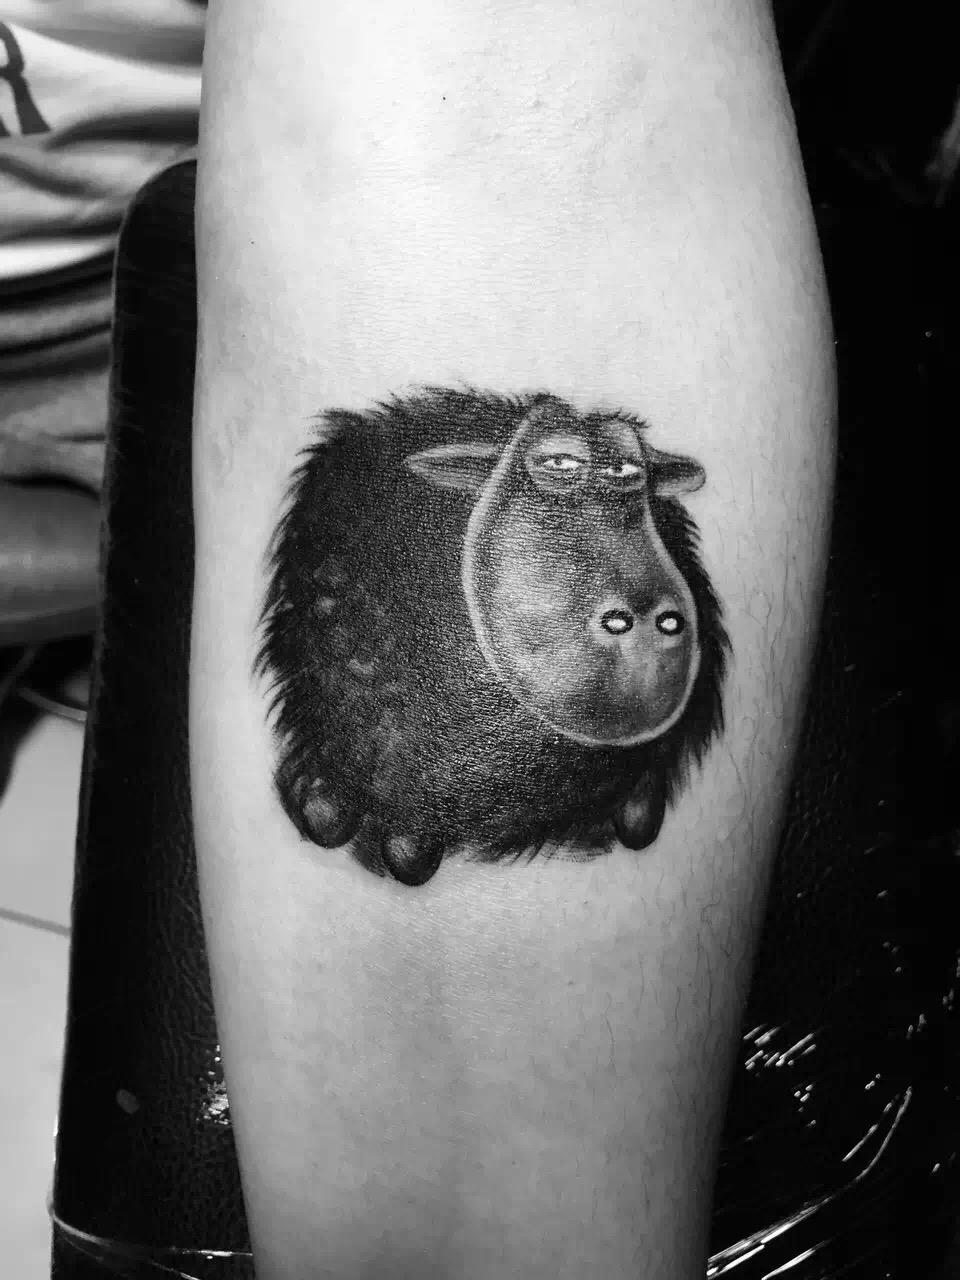 一款纹身图案,可以传递出许多信息内容,比如主人的喜好、秉性、特长、情感等等。天津的曹先生在自己的手臂上纹刻了一款卡通风格的呆萌牛的纹身图案,大大的脑袋小小的眼睛,再加上浑身黑黝黝又毛茸茸的毛发,呆萌搞笑的样子让人忍俊不禁。从这样的纹身图案中我们就可以看出,曹先生在生活中也是童心未泯的人,也一定是非常乐观搞笑的人。 天津曹先生纹刻的这款纹身图案虽然说是卡通风格,但是纹刻技巧却丝毫不简单,为了让这只呆萌牛尽可能的逼真可爱,虽然只是简单的深浅色调的转换,但是每一个细节都处理的很到位,通过纹身的方式将牛皮毛的毛